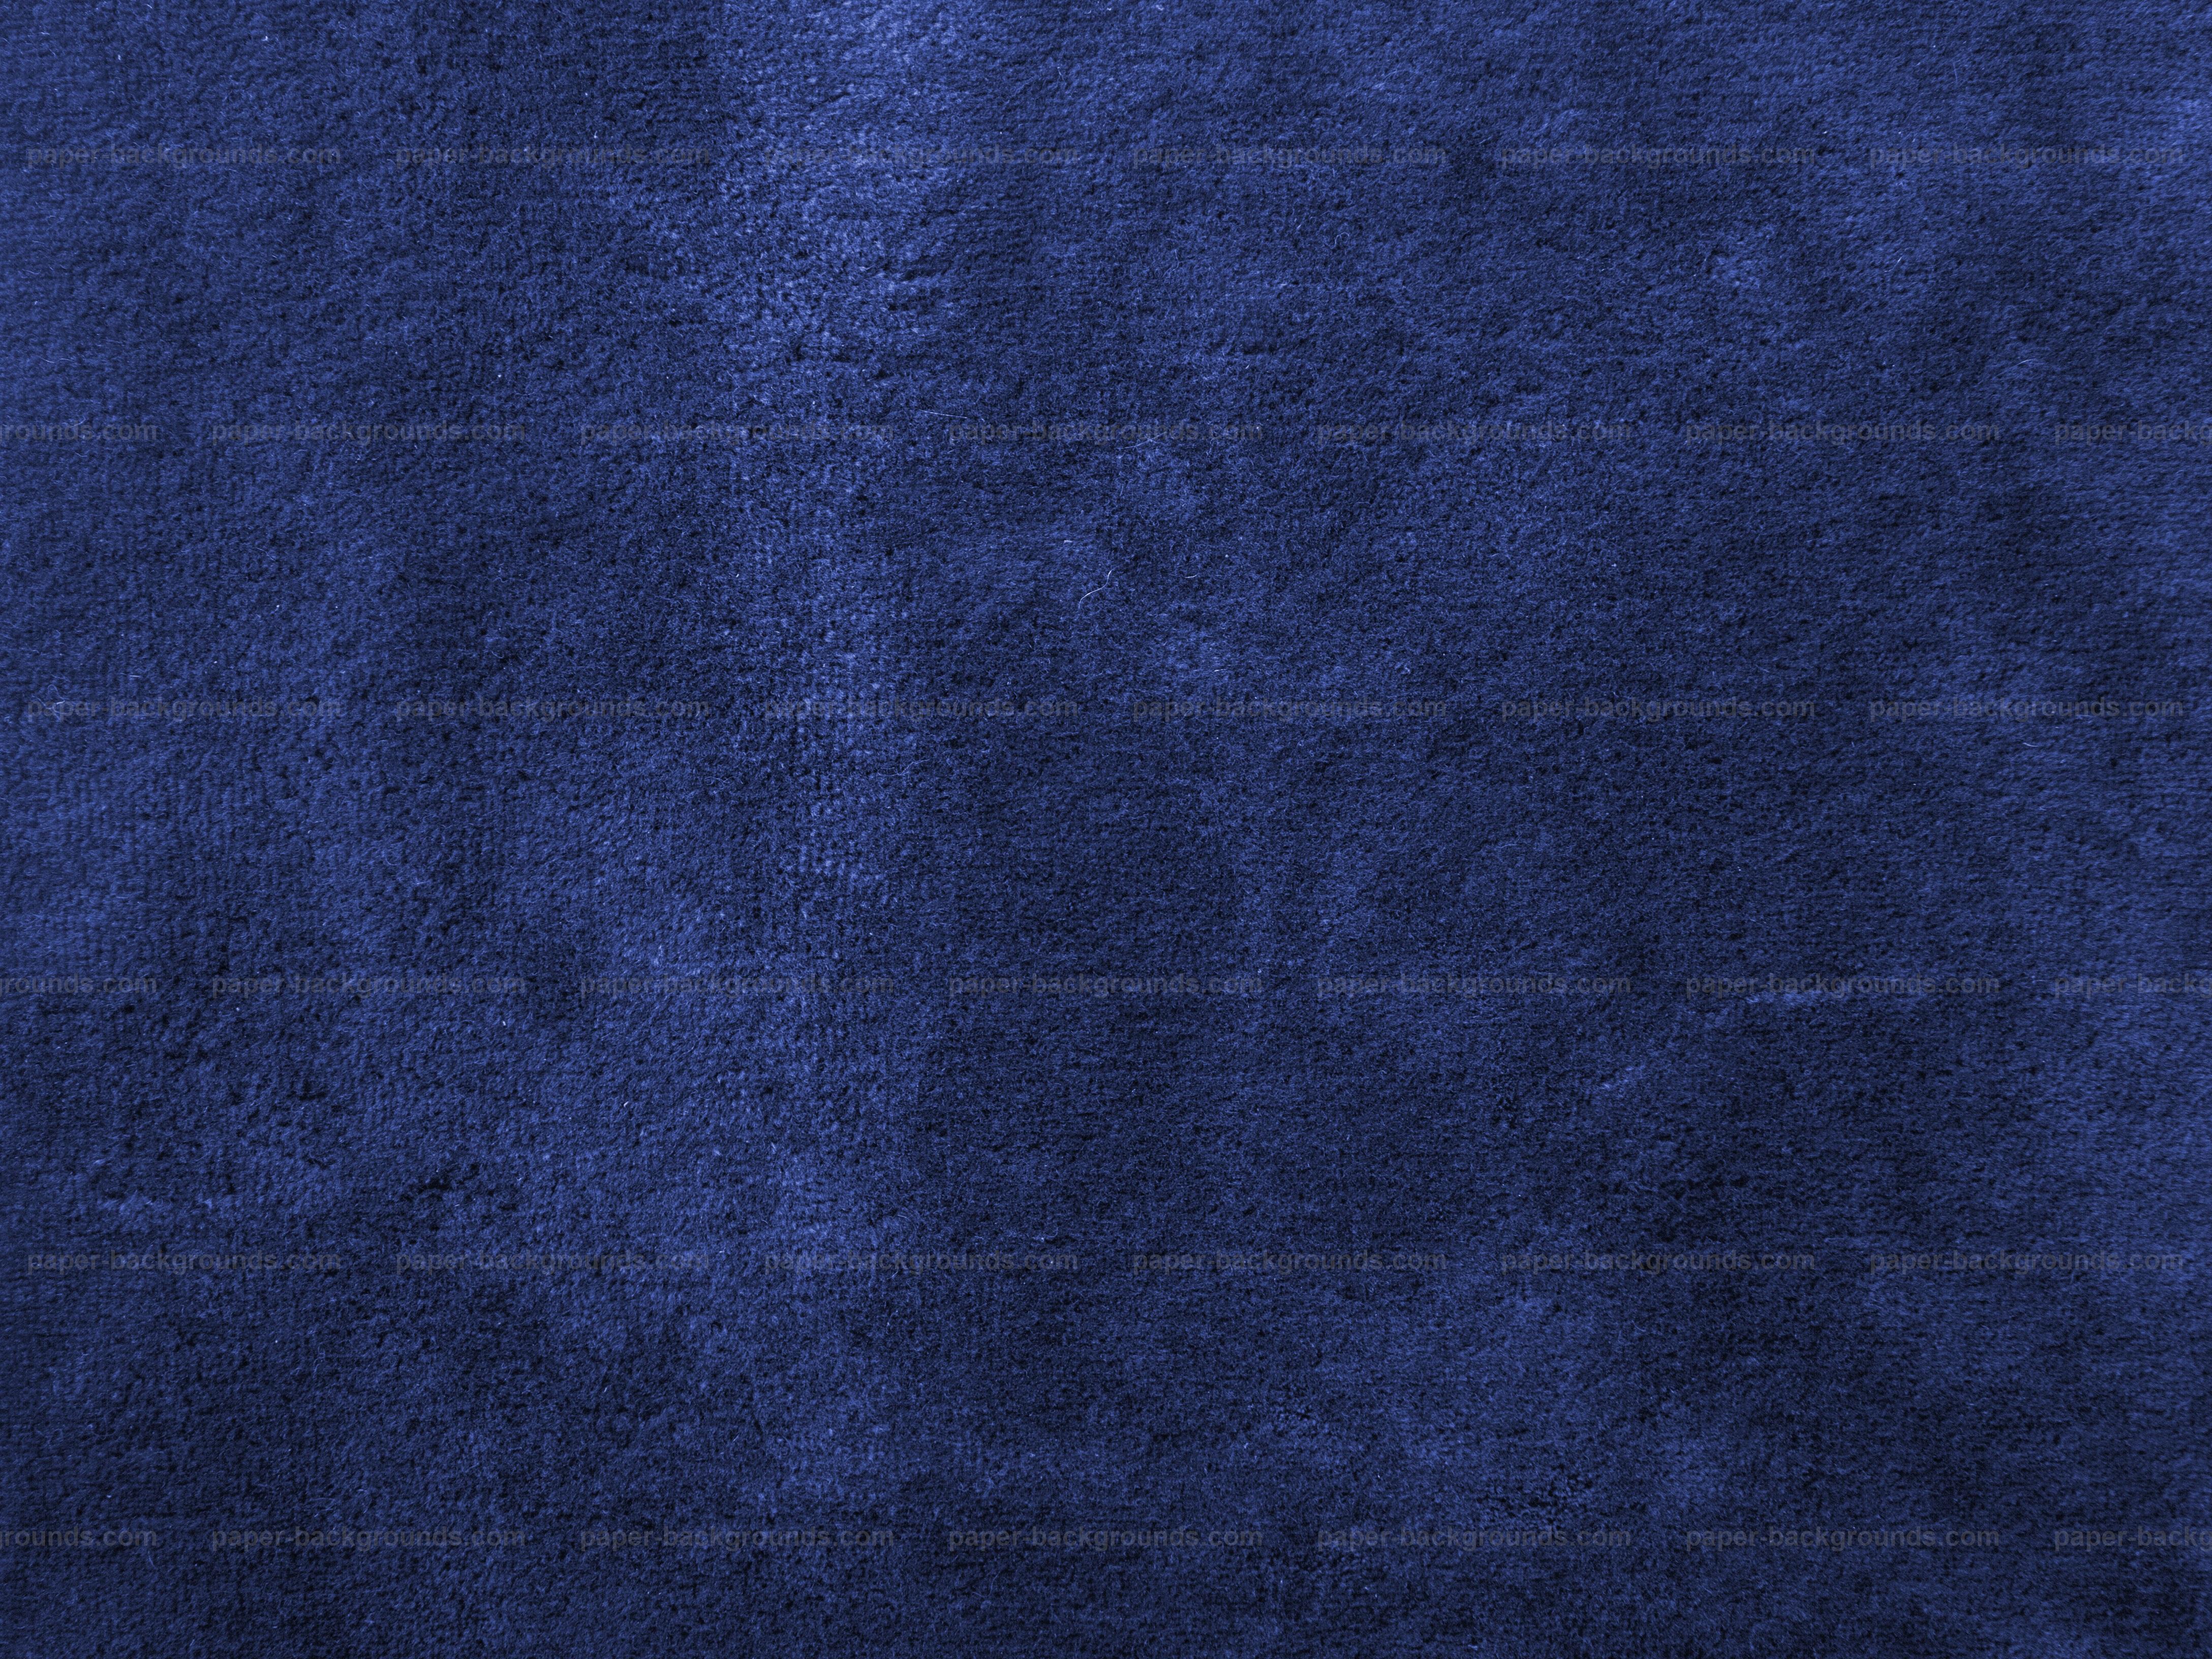 Blue velvet background photo